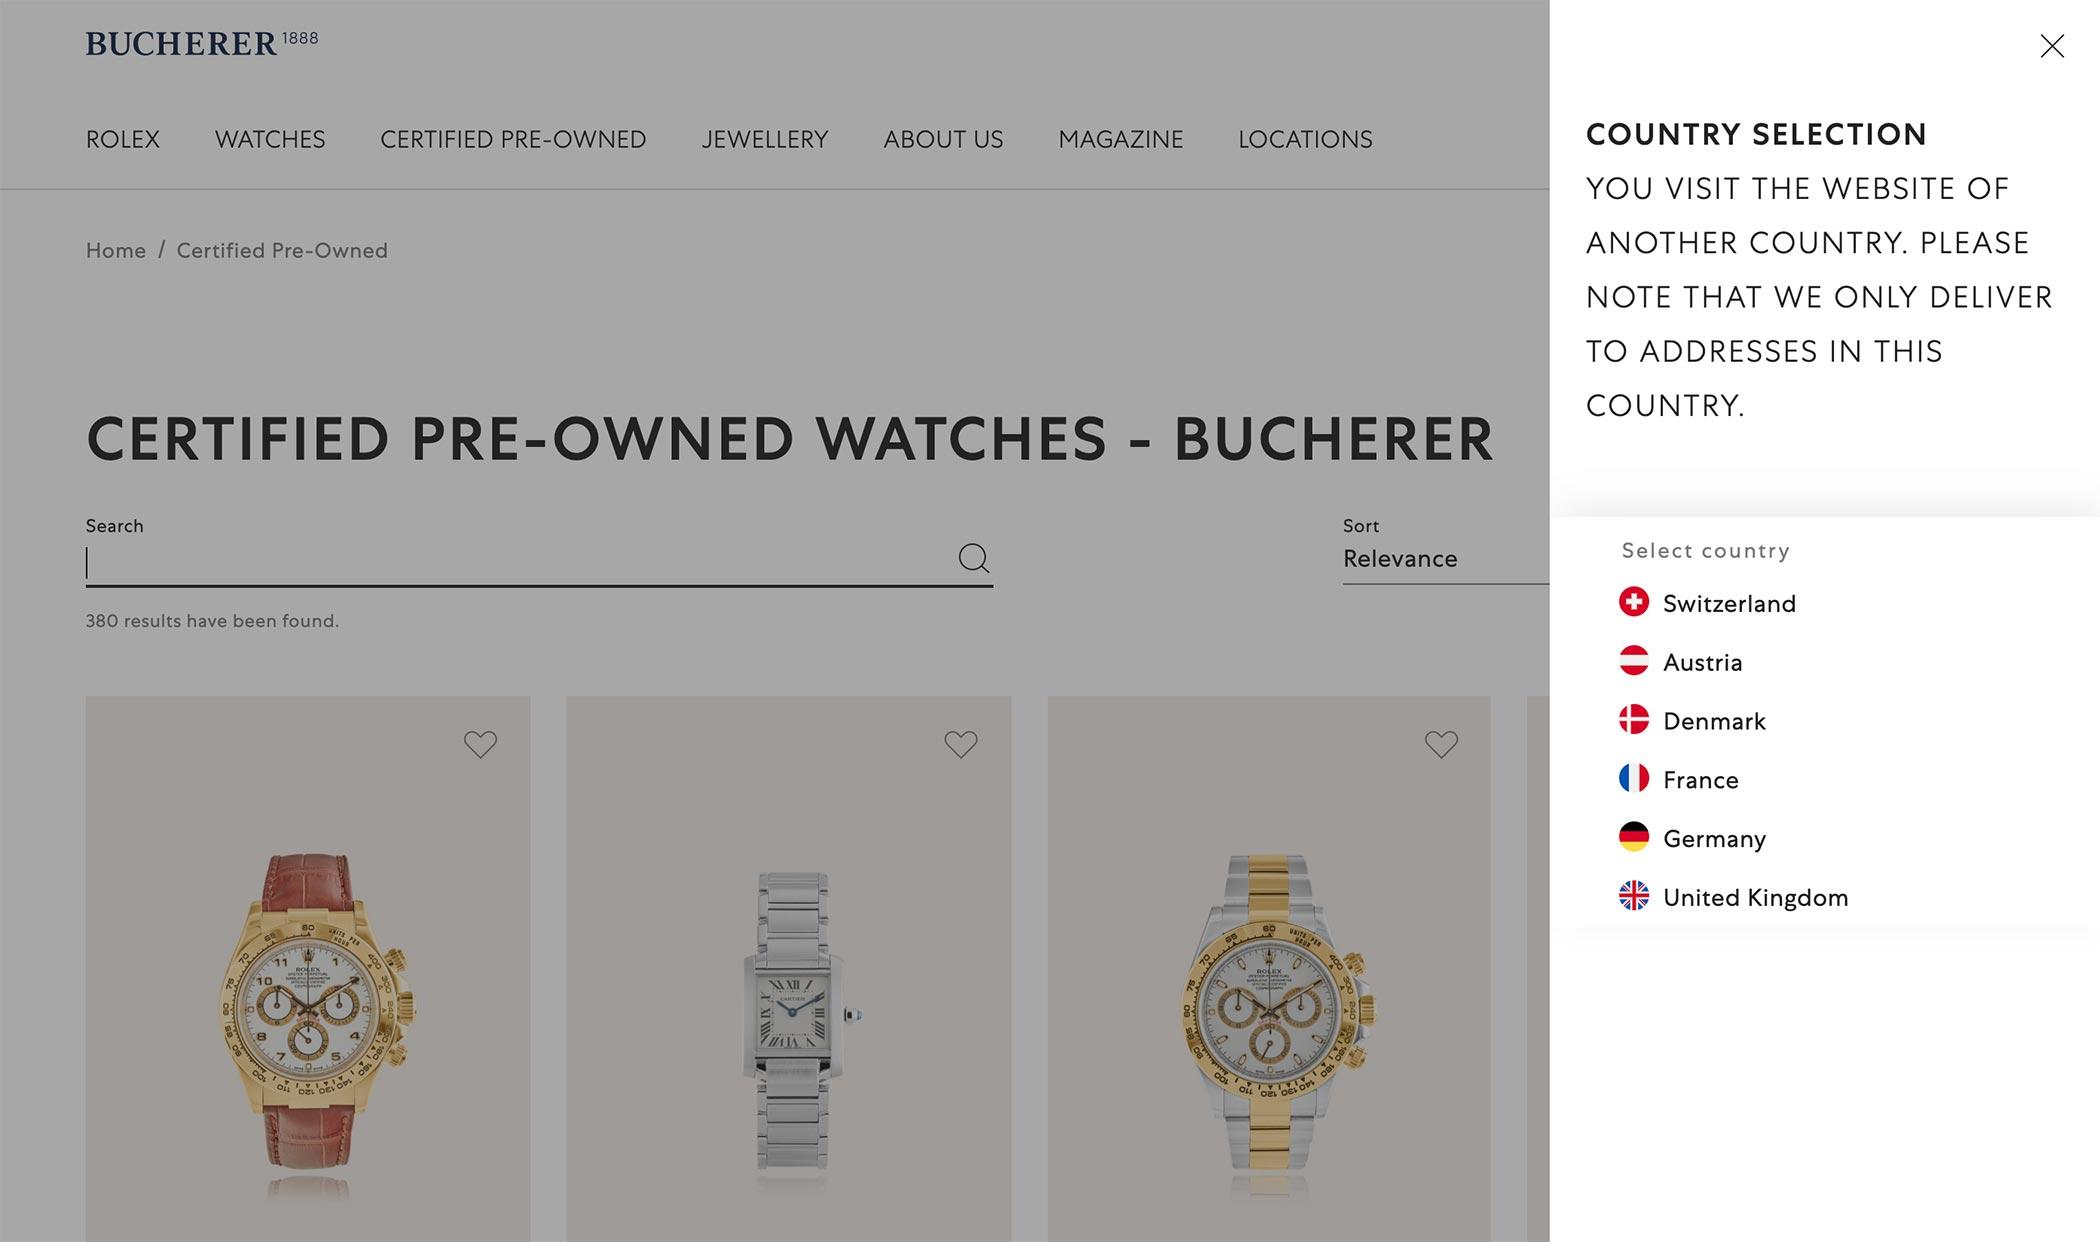 Bucherer-online-countries